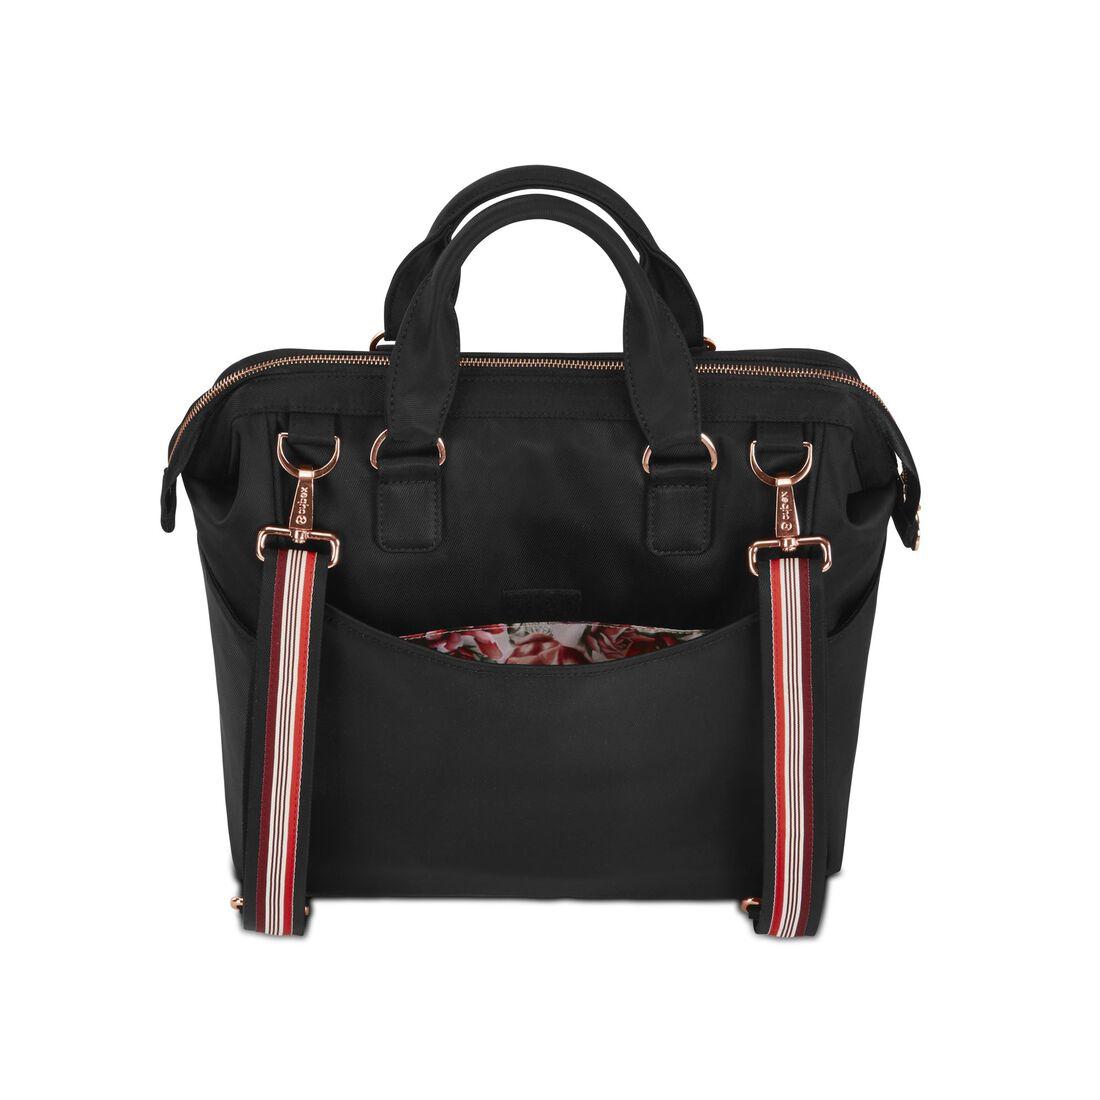 CYBEX Changing Bag Stroller  - Spring Blossom Dark in Spring Blossom Dark large image number 3